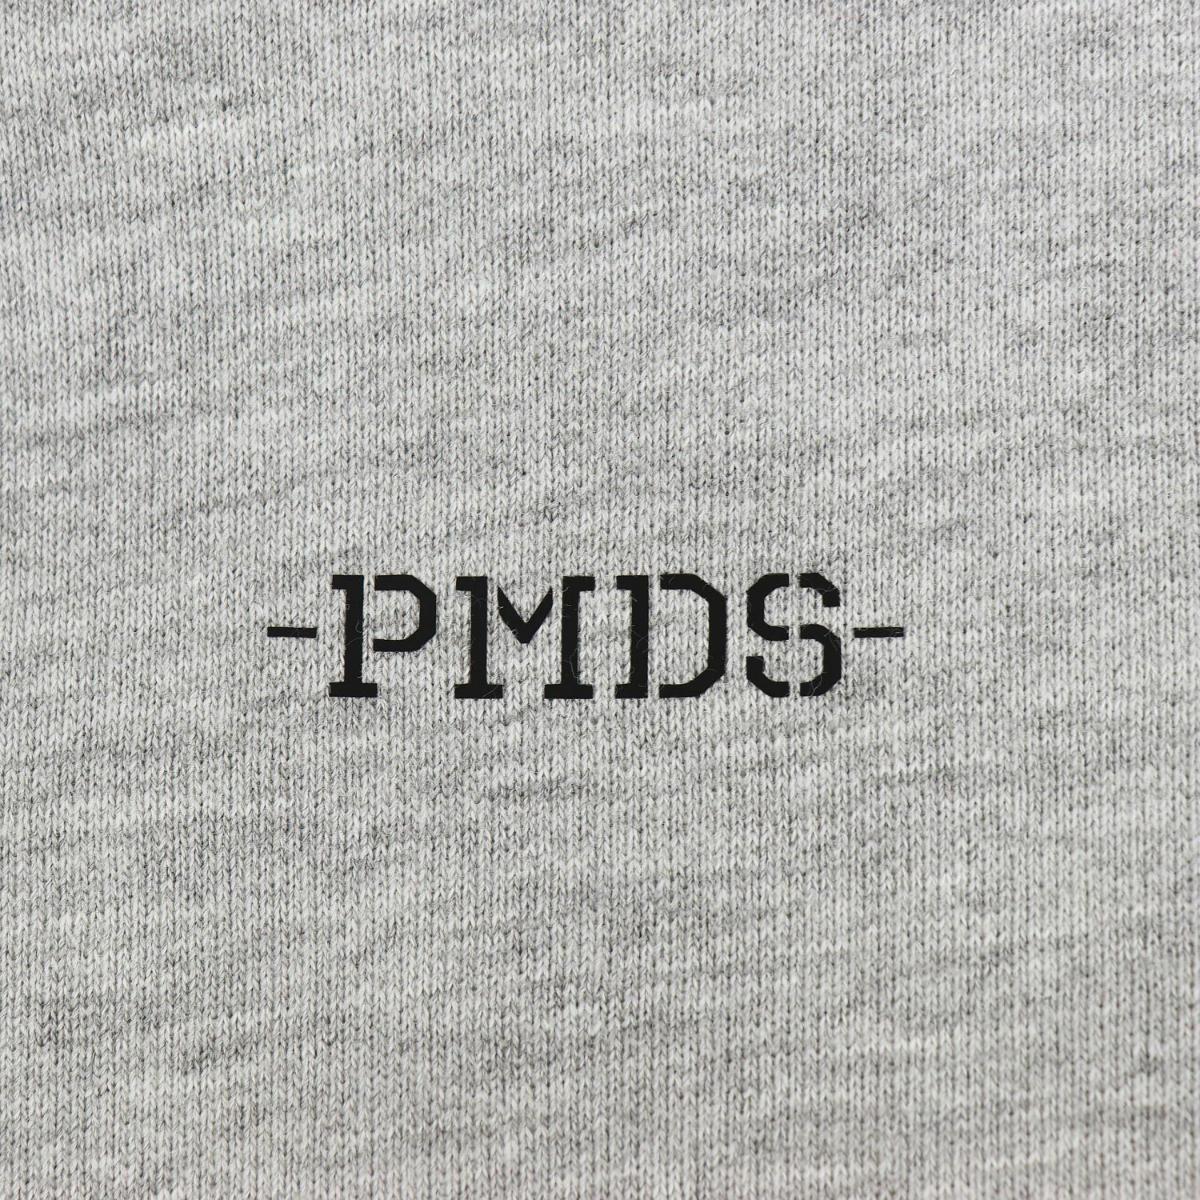 ピーエムディーエス P.M.D.S. PMDS ペイント&ダメージ加工 コットン スウェット プルオーバーパーカー SANI PMD S216445W UNICO(グレー) 春夏新作